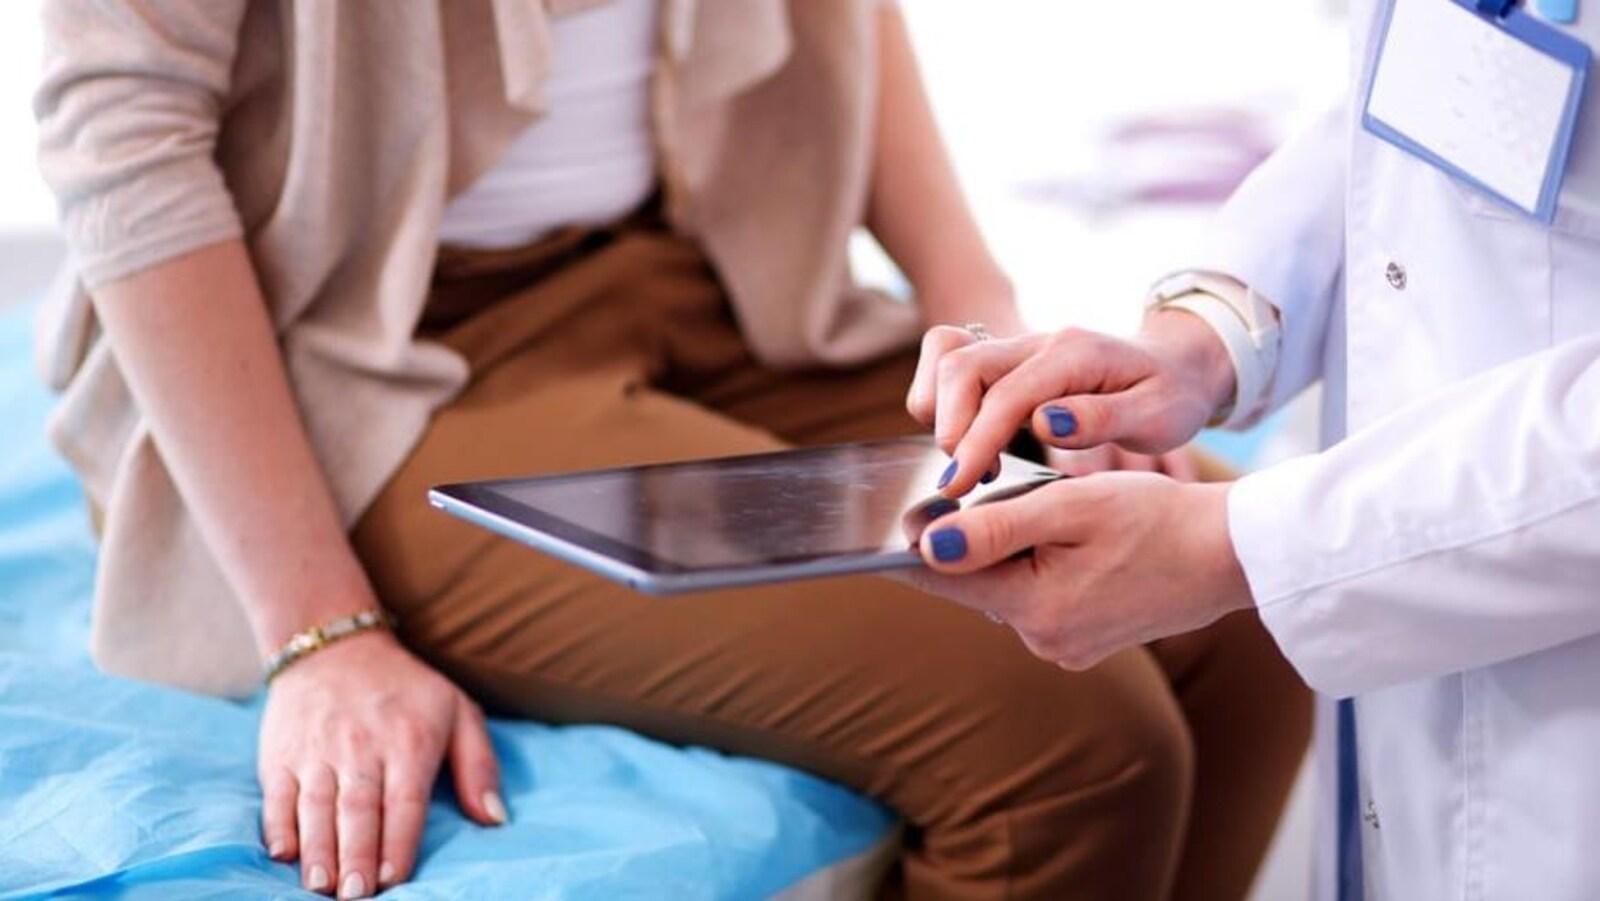 Une femme assise sur une table avec un professionnel de la santé qui tient un Ipad.